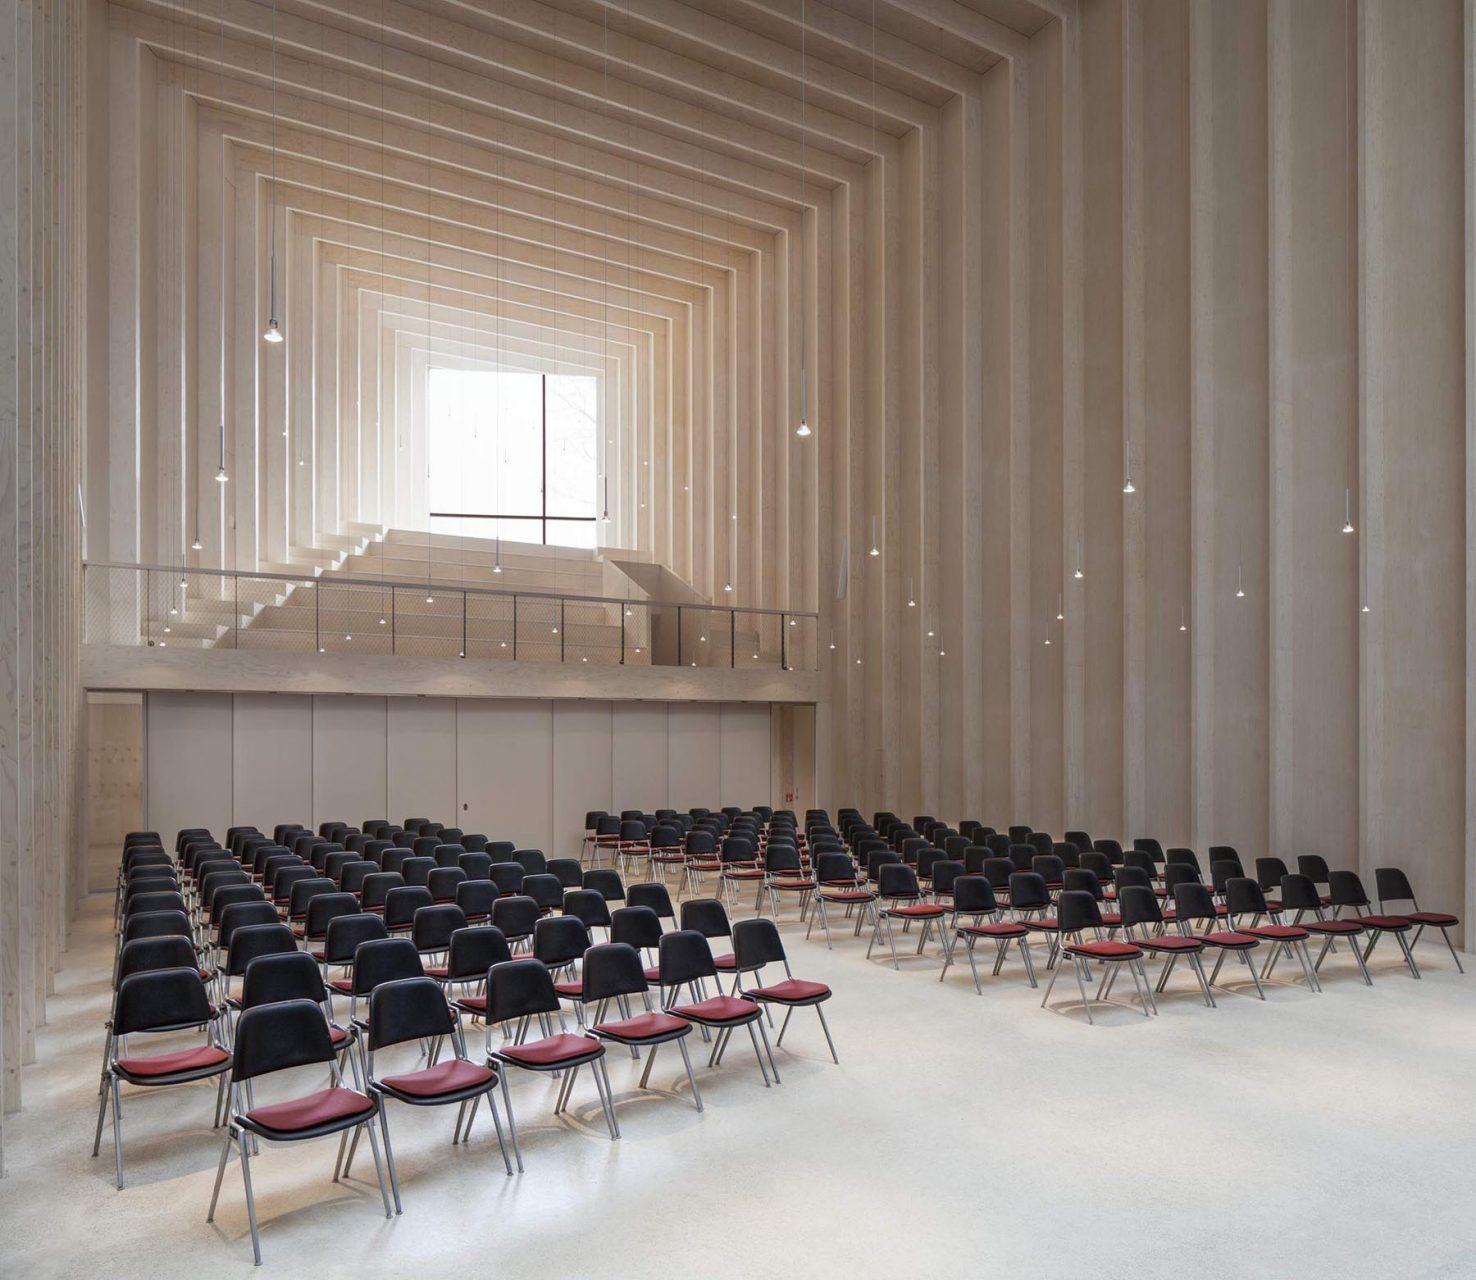 Immanuelkirche. Ein raumhoher Screen aus 3.800 farbigen Holzlamellen in 27 verschiedenen Farben erhebt sich hinter dem Altar.